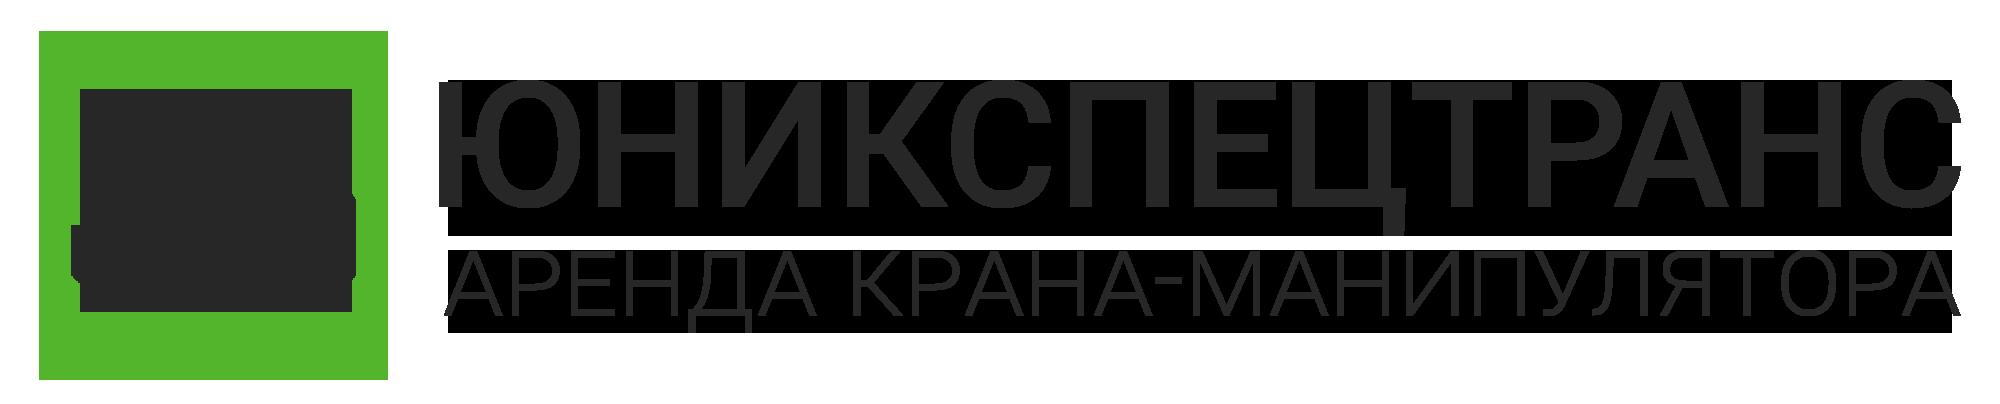 Аренда крана манипулятора в Москве и области недорого